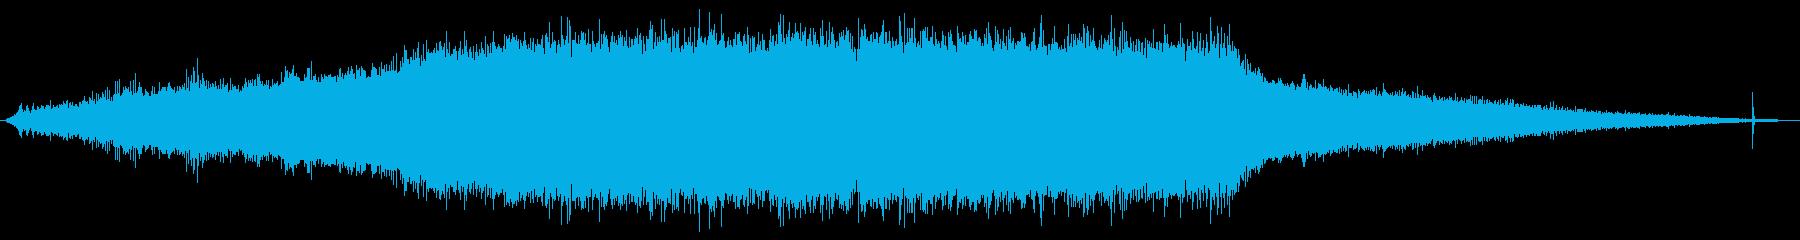 遠心分離機:開始、中速での運転、シ...の再生済みの波形